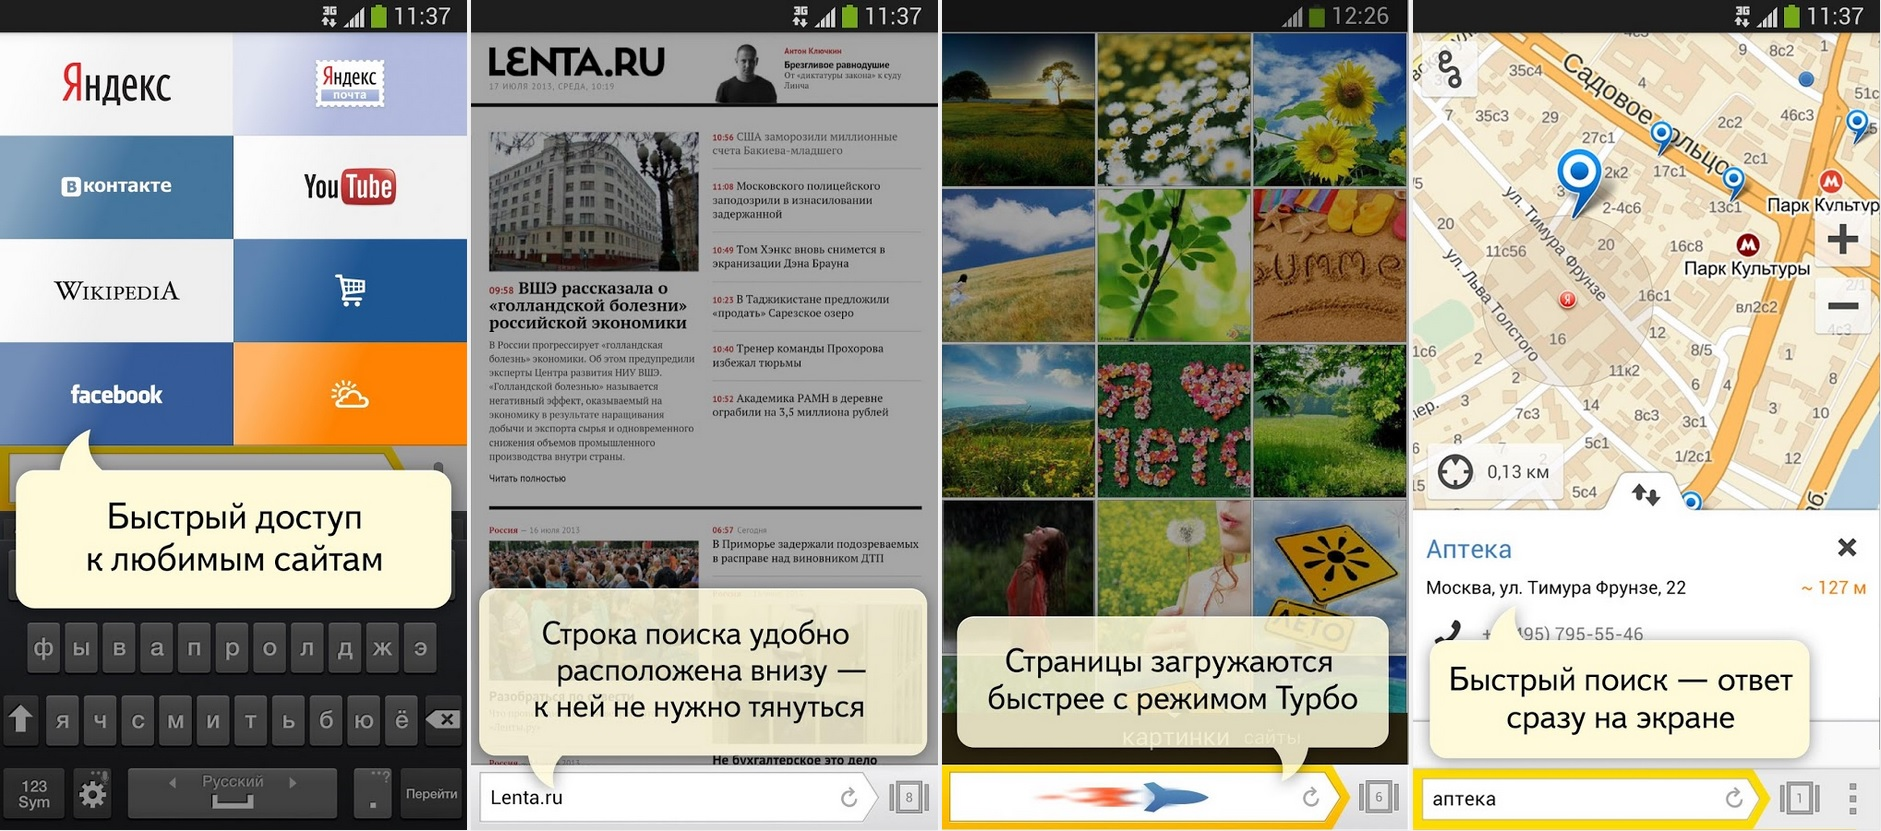 Так Яндекс выглядит на смартфоне